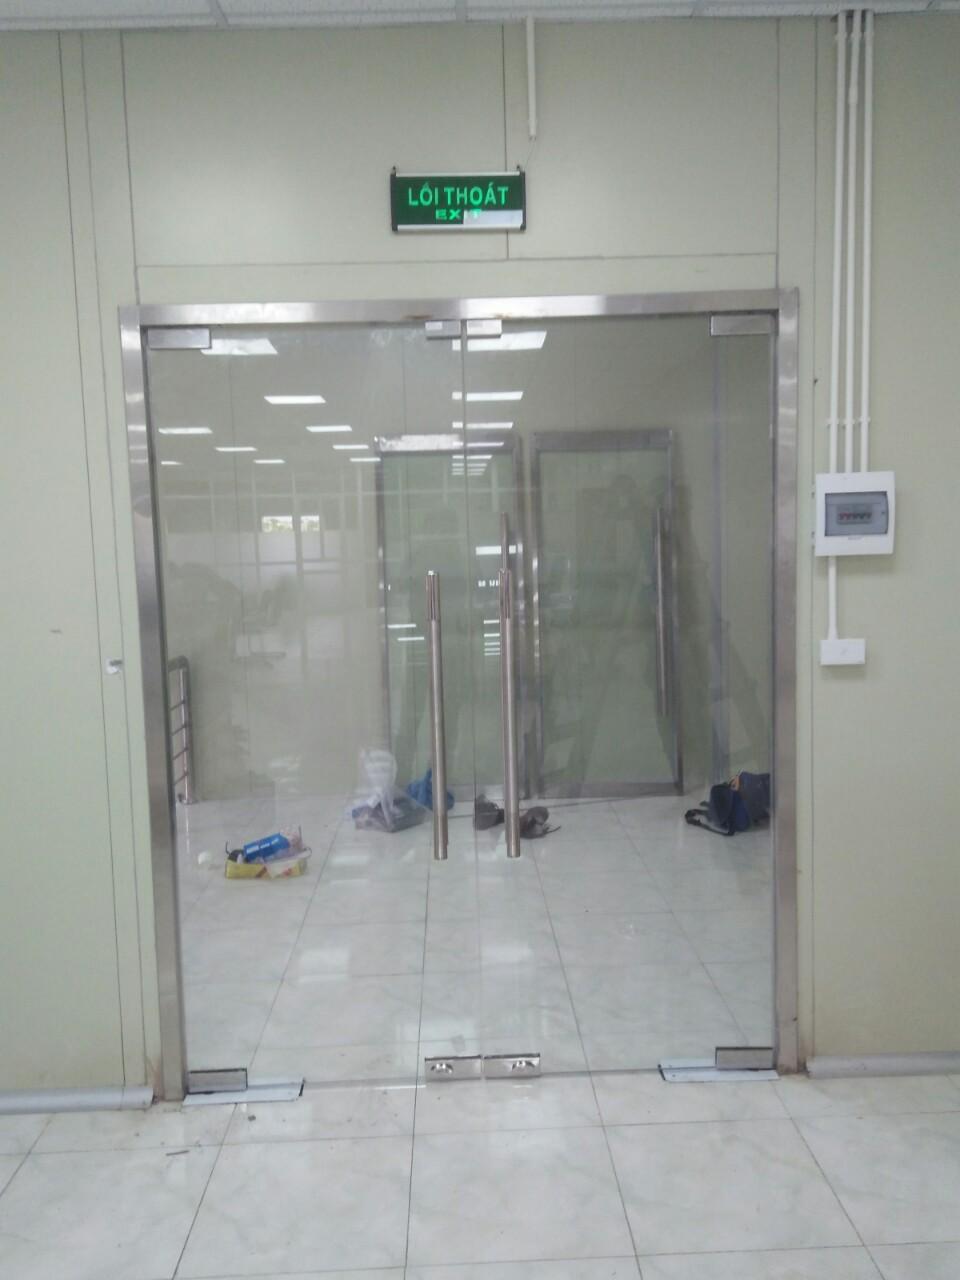 Thi công lắp đặt hệ thống cửa thủy lực tự động cho công ty Mechatech